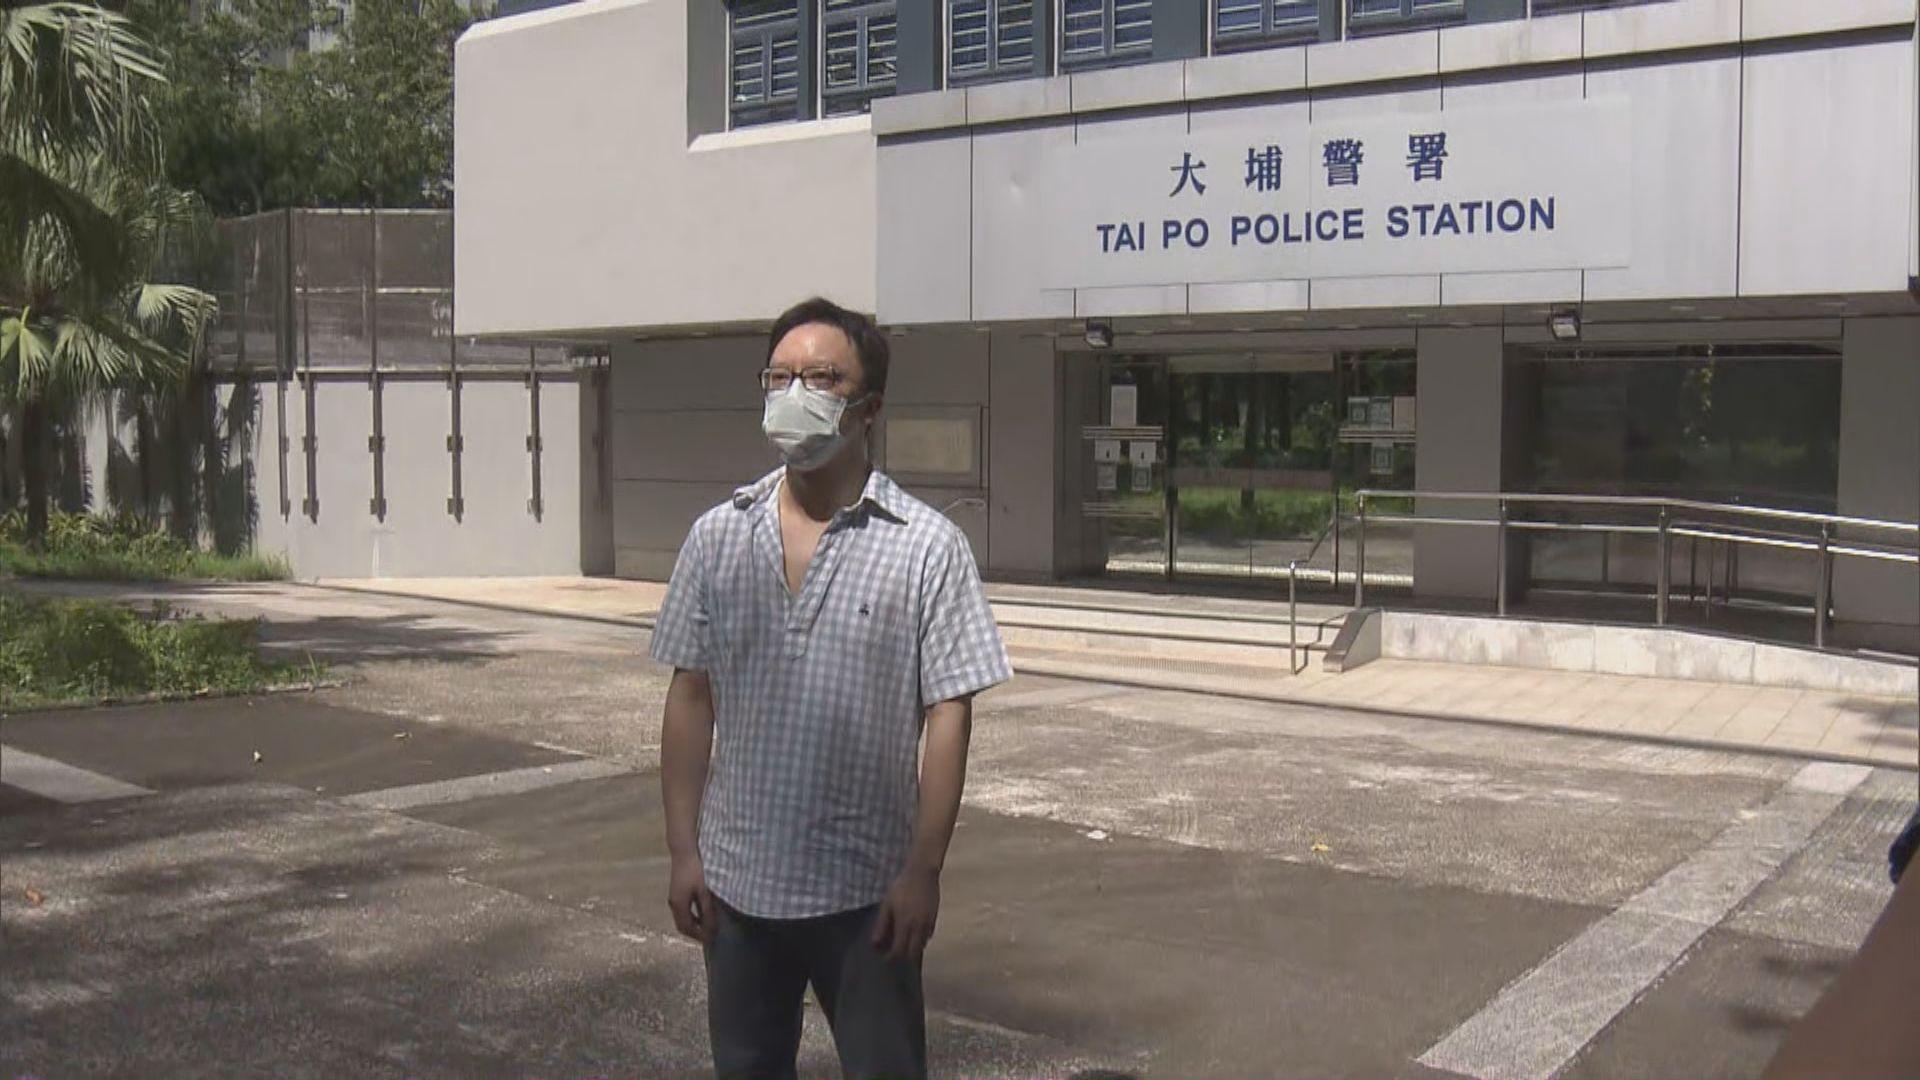 鍾健平被控組織及參與未經批准集結明日提堂